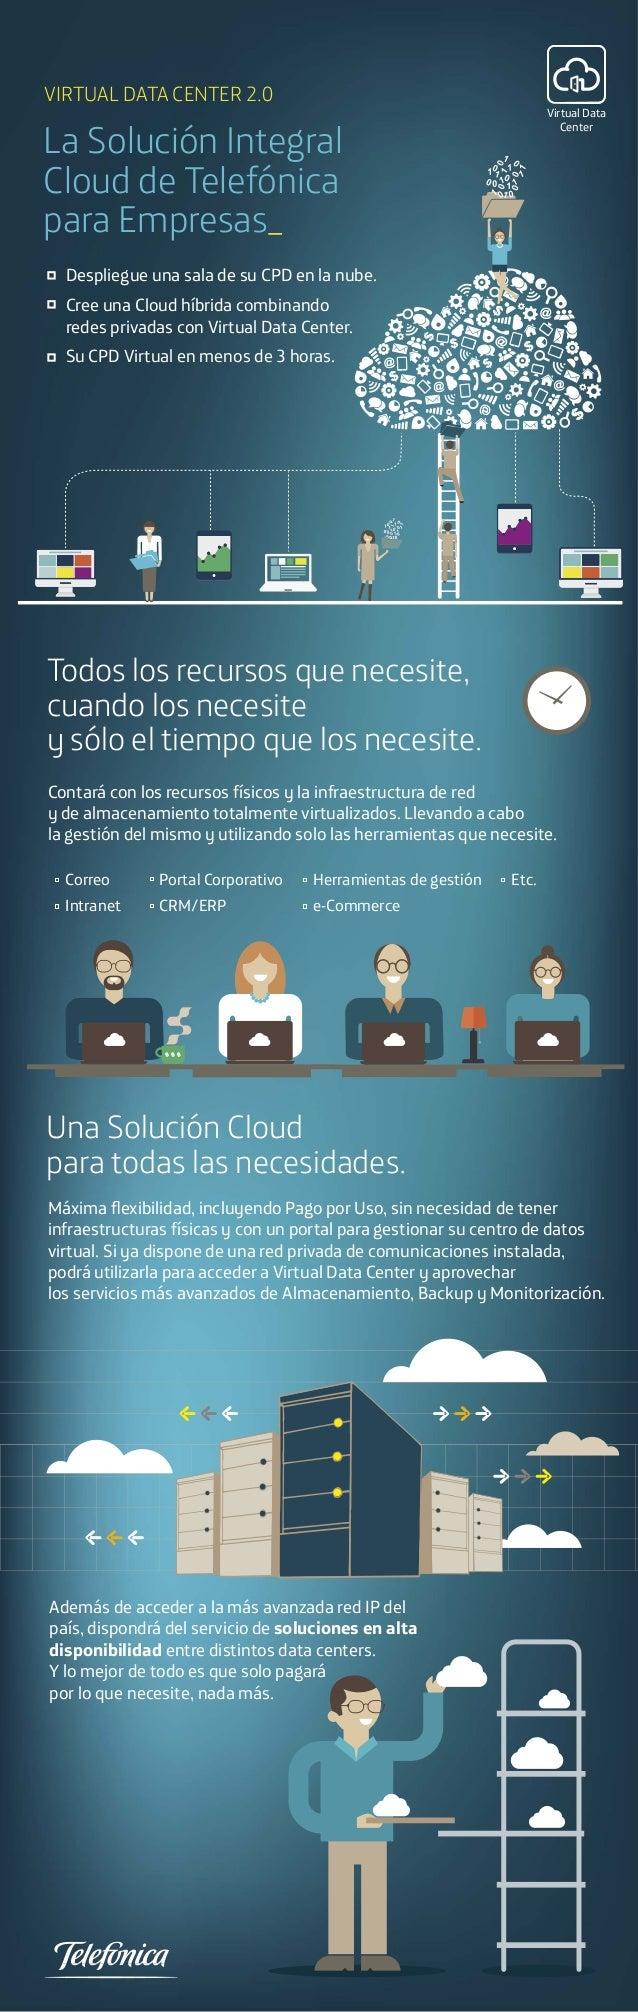 VIRTUAL DATA CENTER 2.0  Virtual Data Center  La Solución Integral Cloud de Telefónica para Empresas_ Despliegue una sala ...